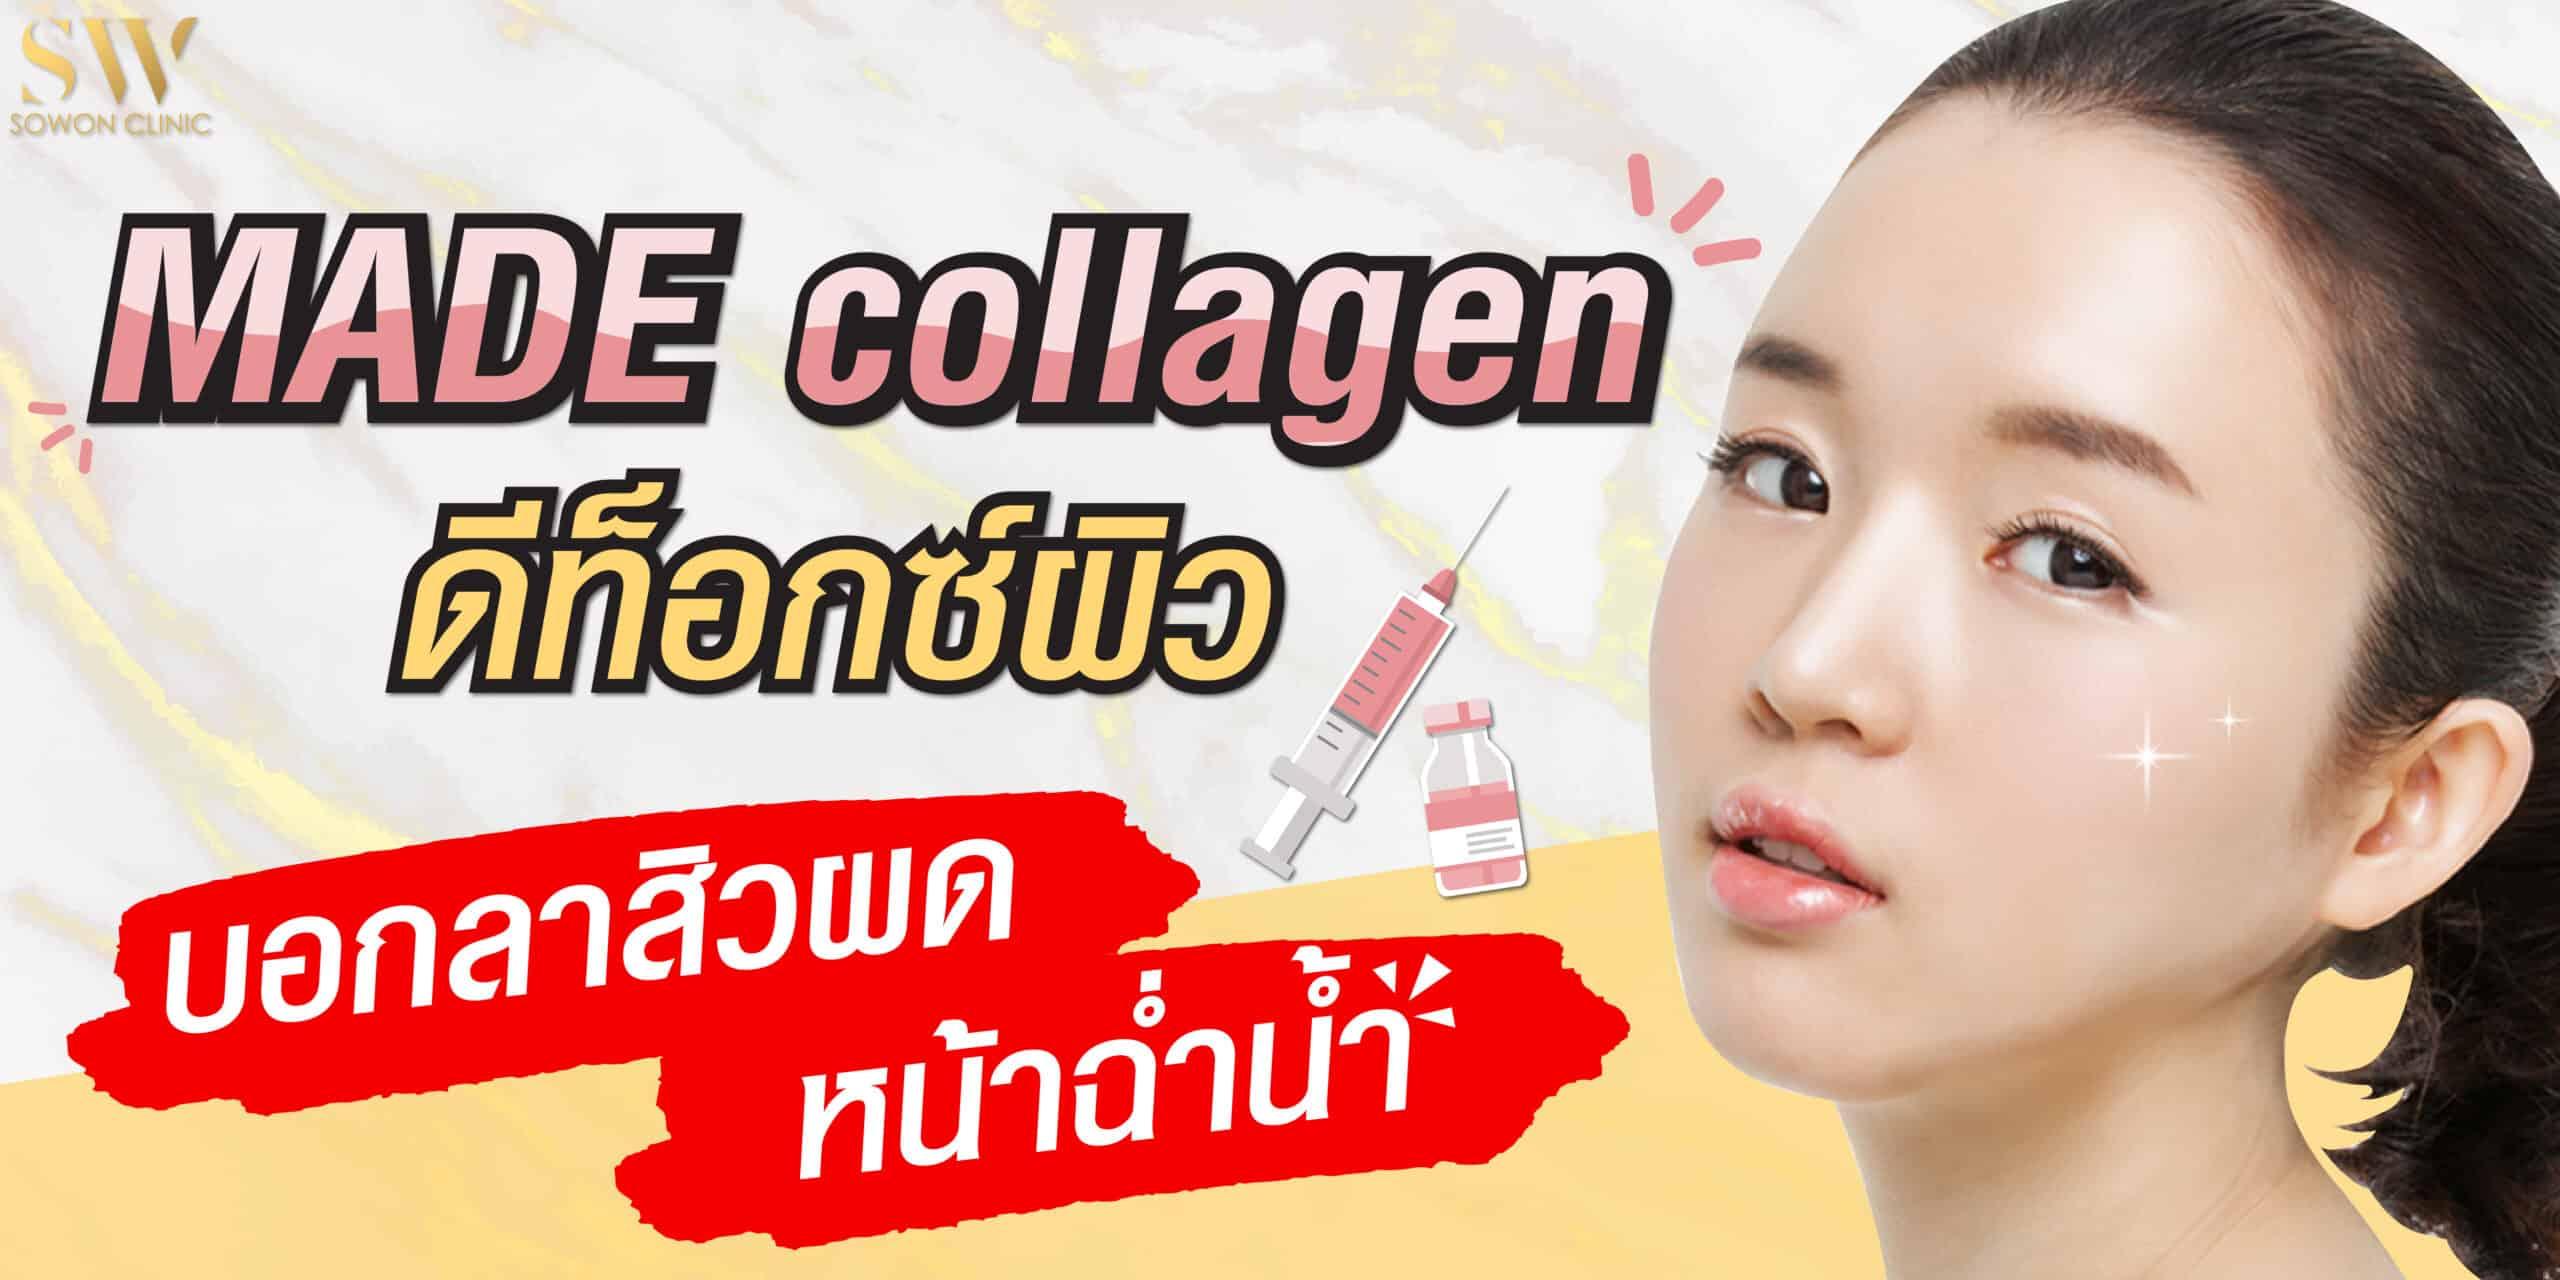 บริการของเรา MADE collagen